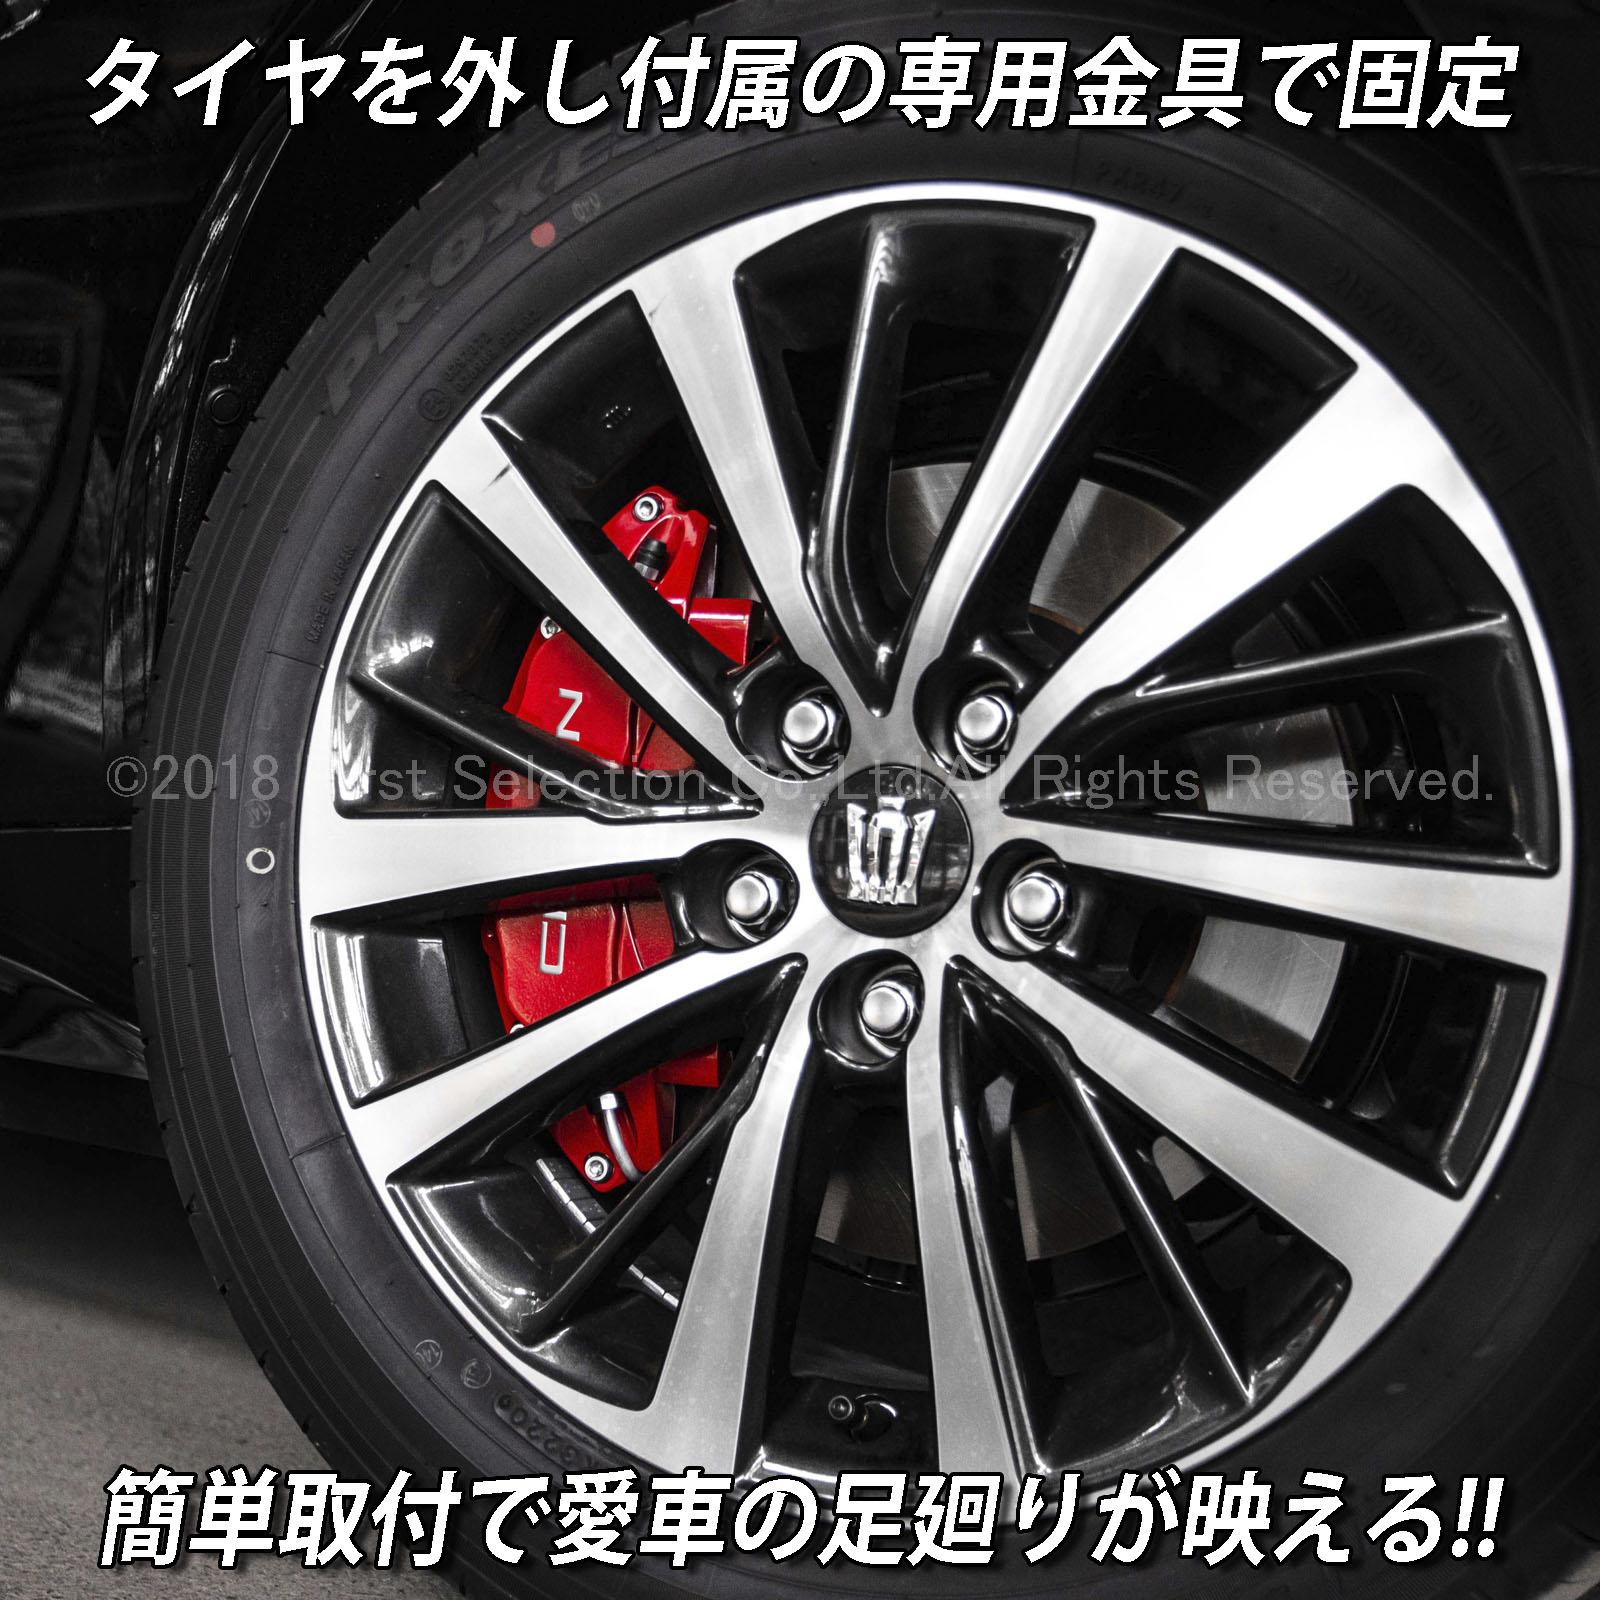 トヨタ車 CROWNロゴ銀文字 クラウン220系用 高耐久金属製キャリパーカバーセット赤 220クラウン ARS220 AZSH20 AZSH21